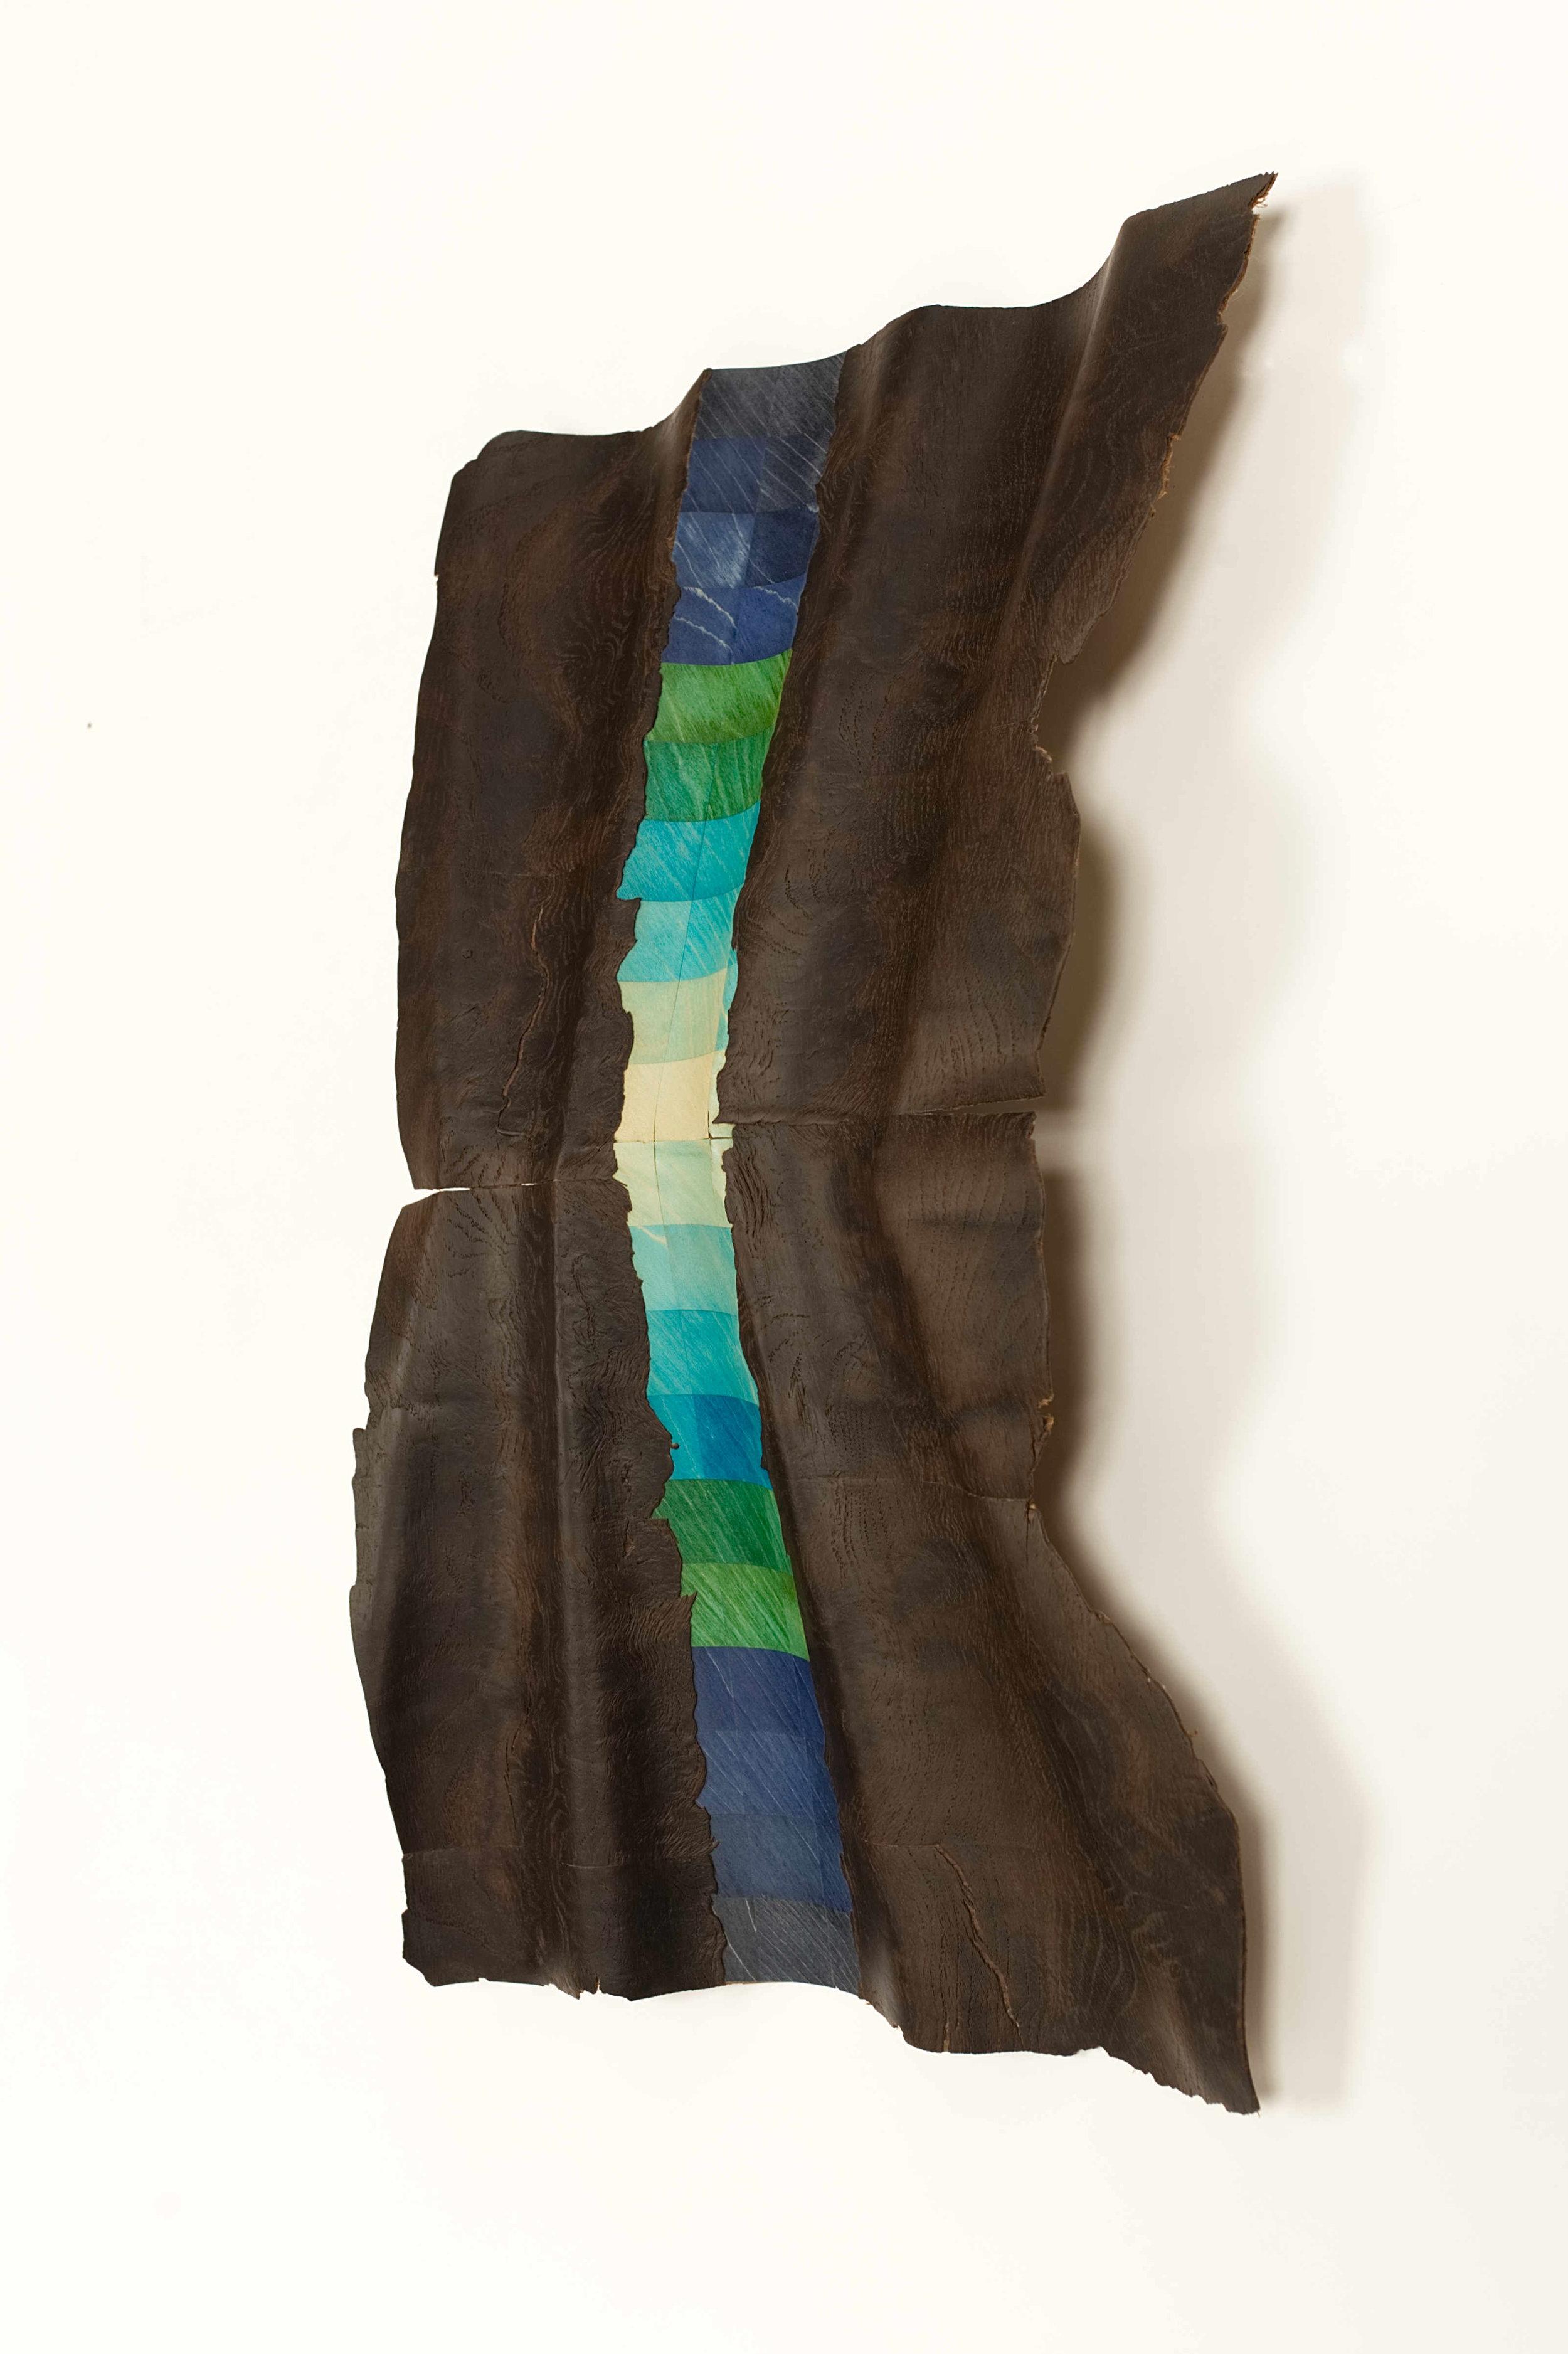 Aqua1 2  60x40x6 Kevin Stamper.jpg